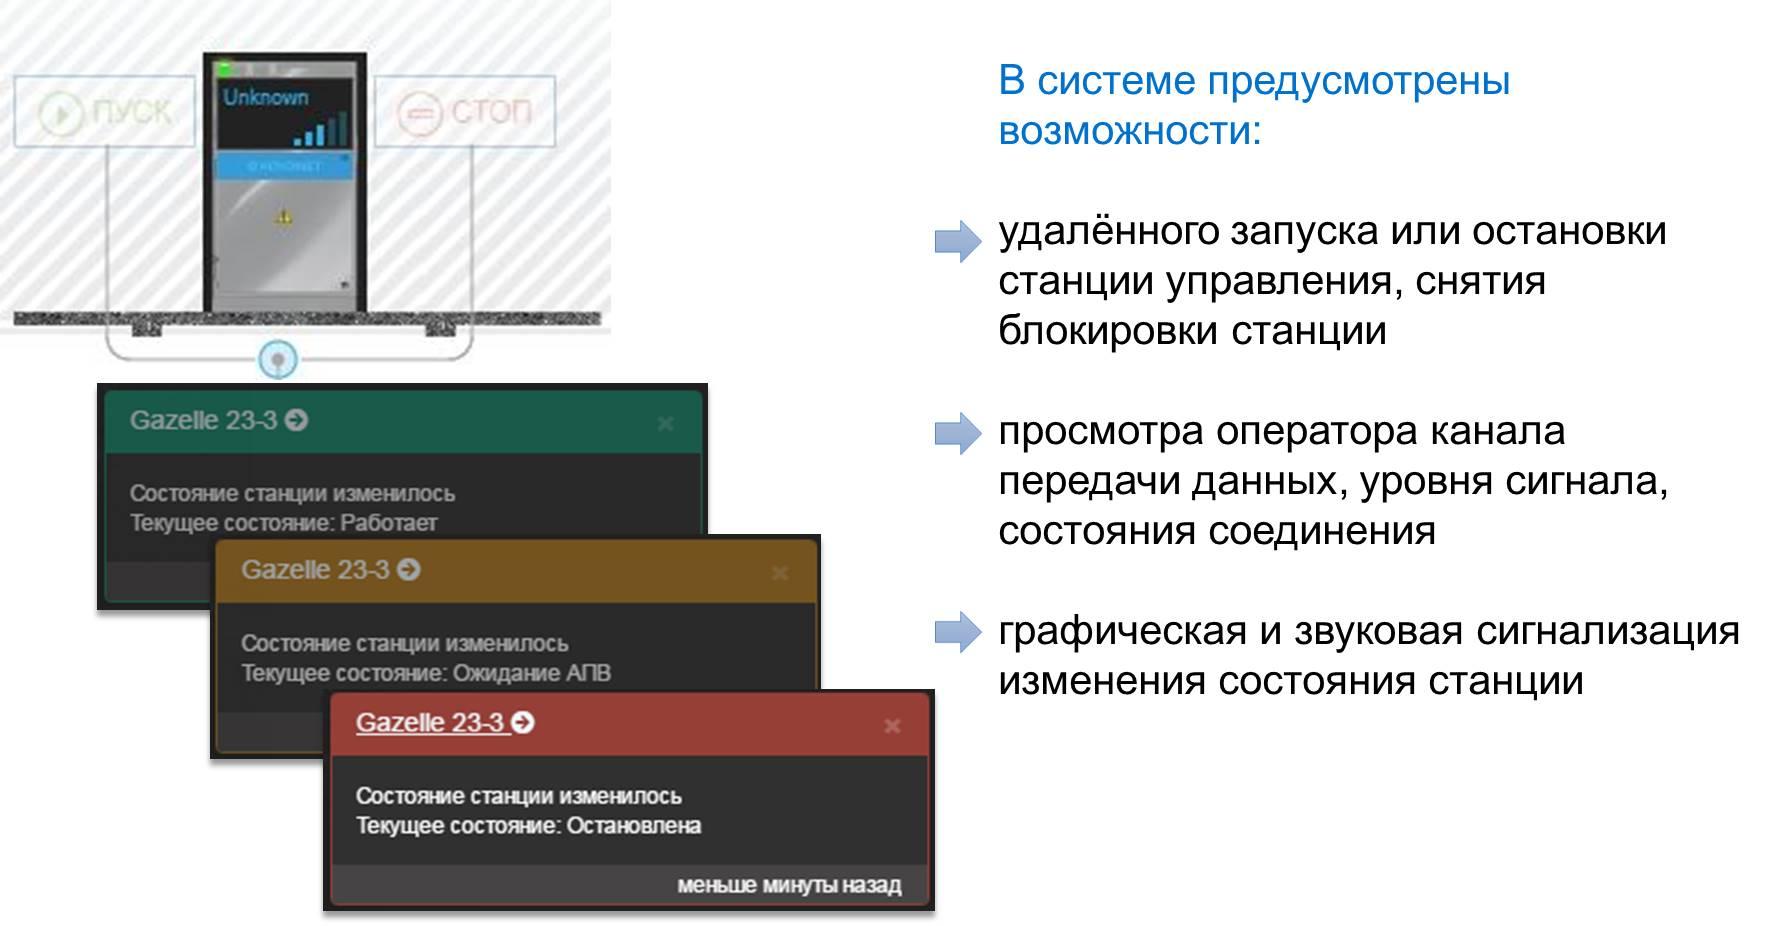 Рис. 4. Управление работой СУ в системе Novomet Track